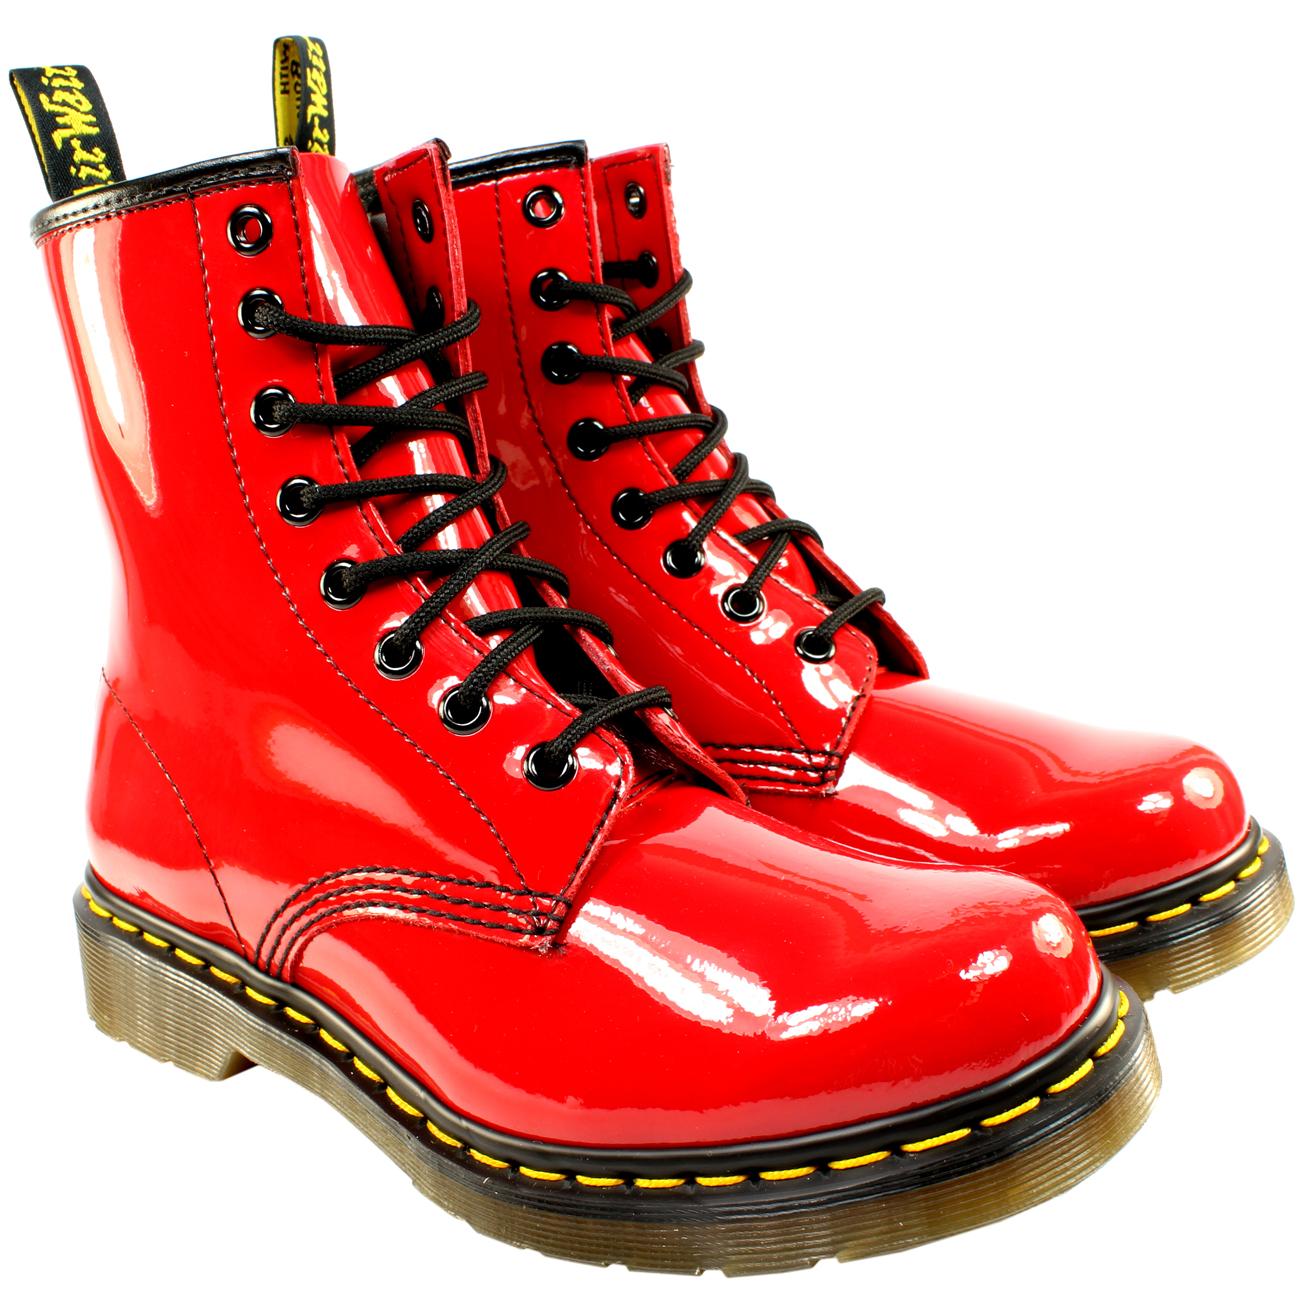 Black Patent Lace Up Shoe Boots